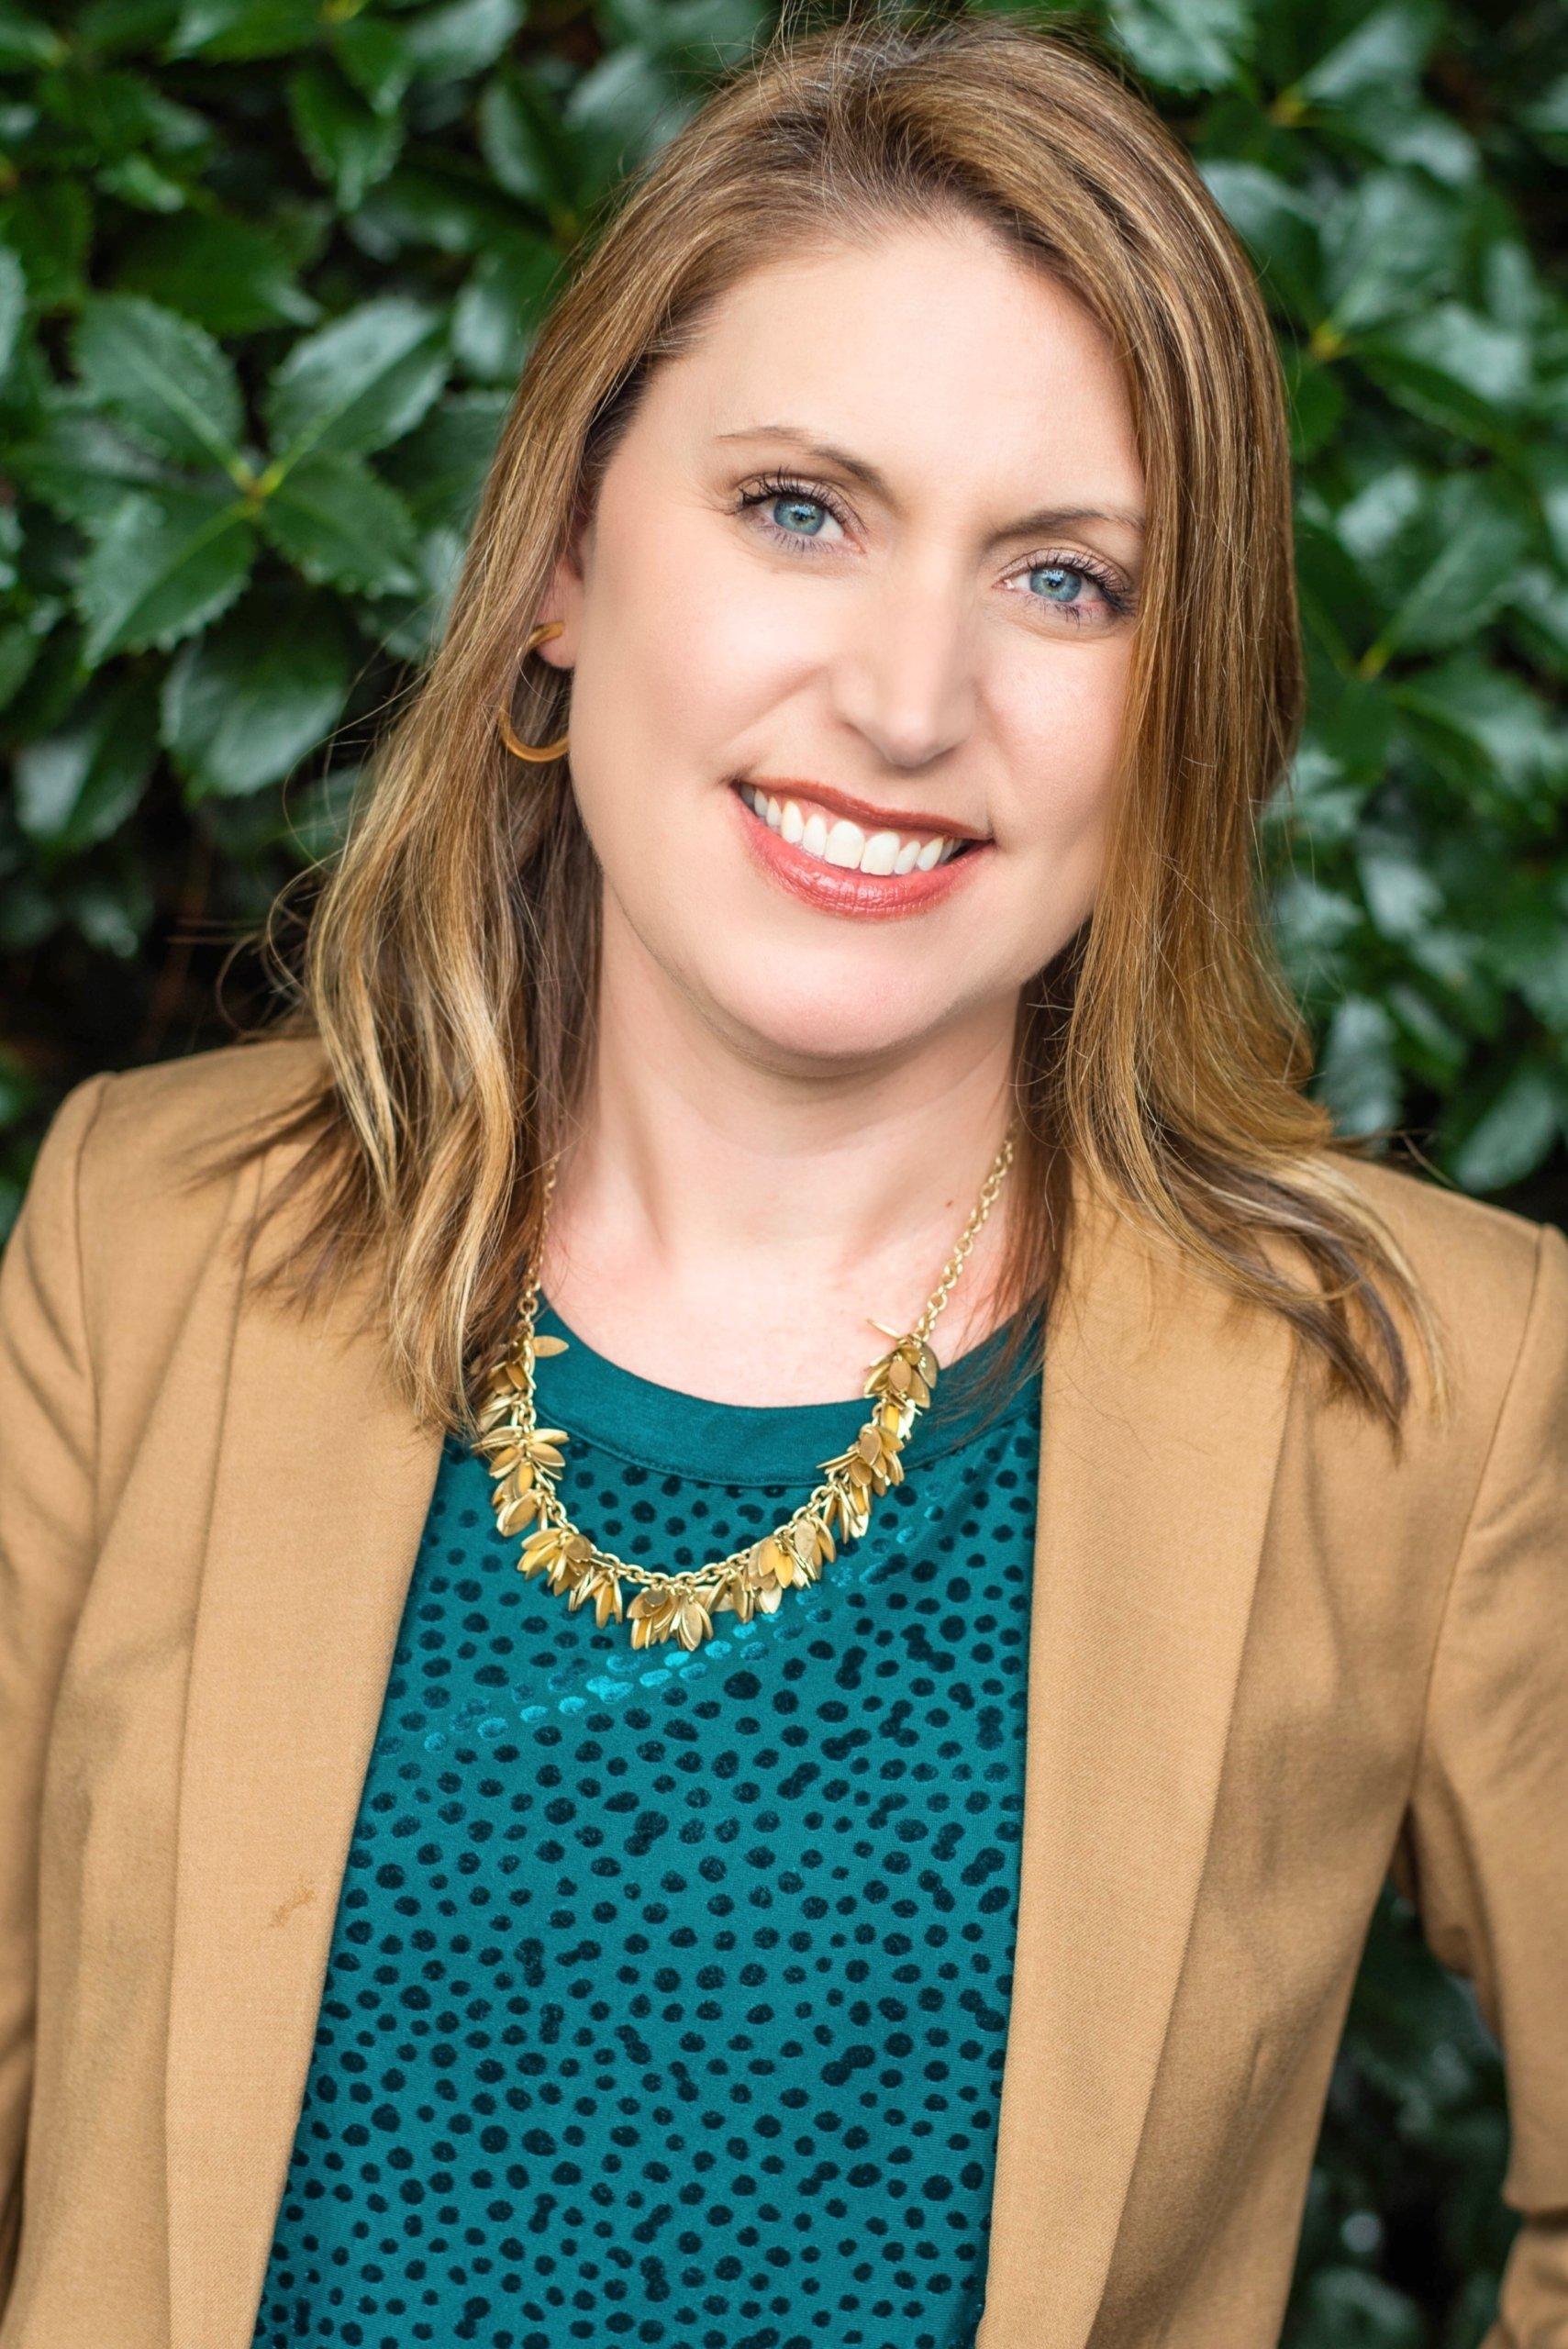 Erin Widner